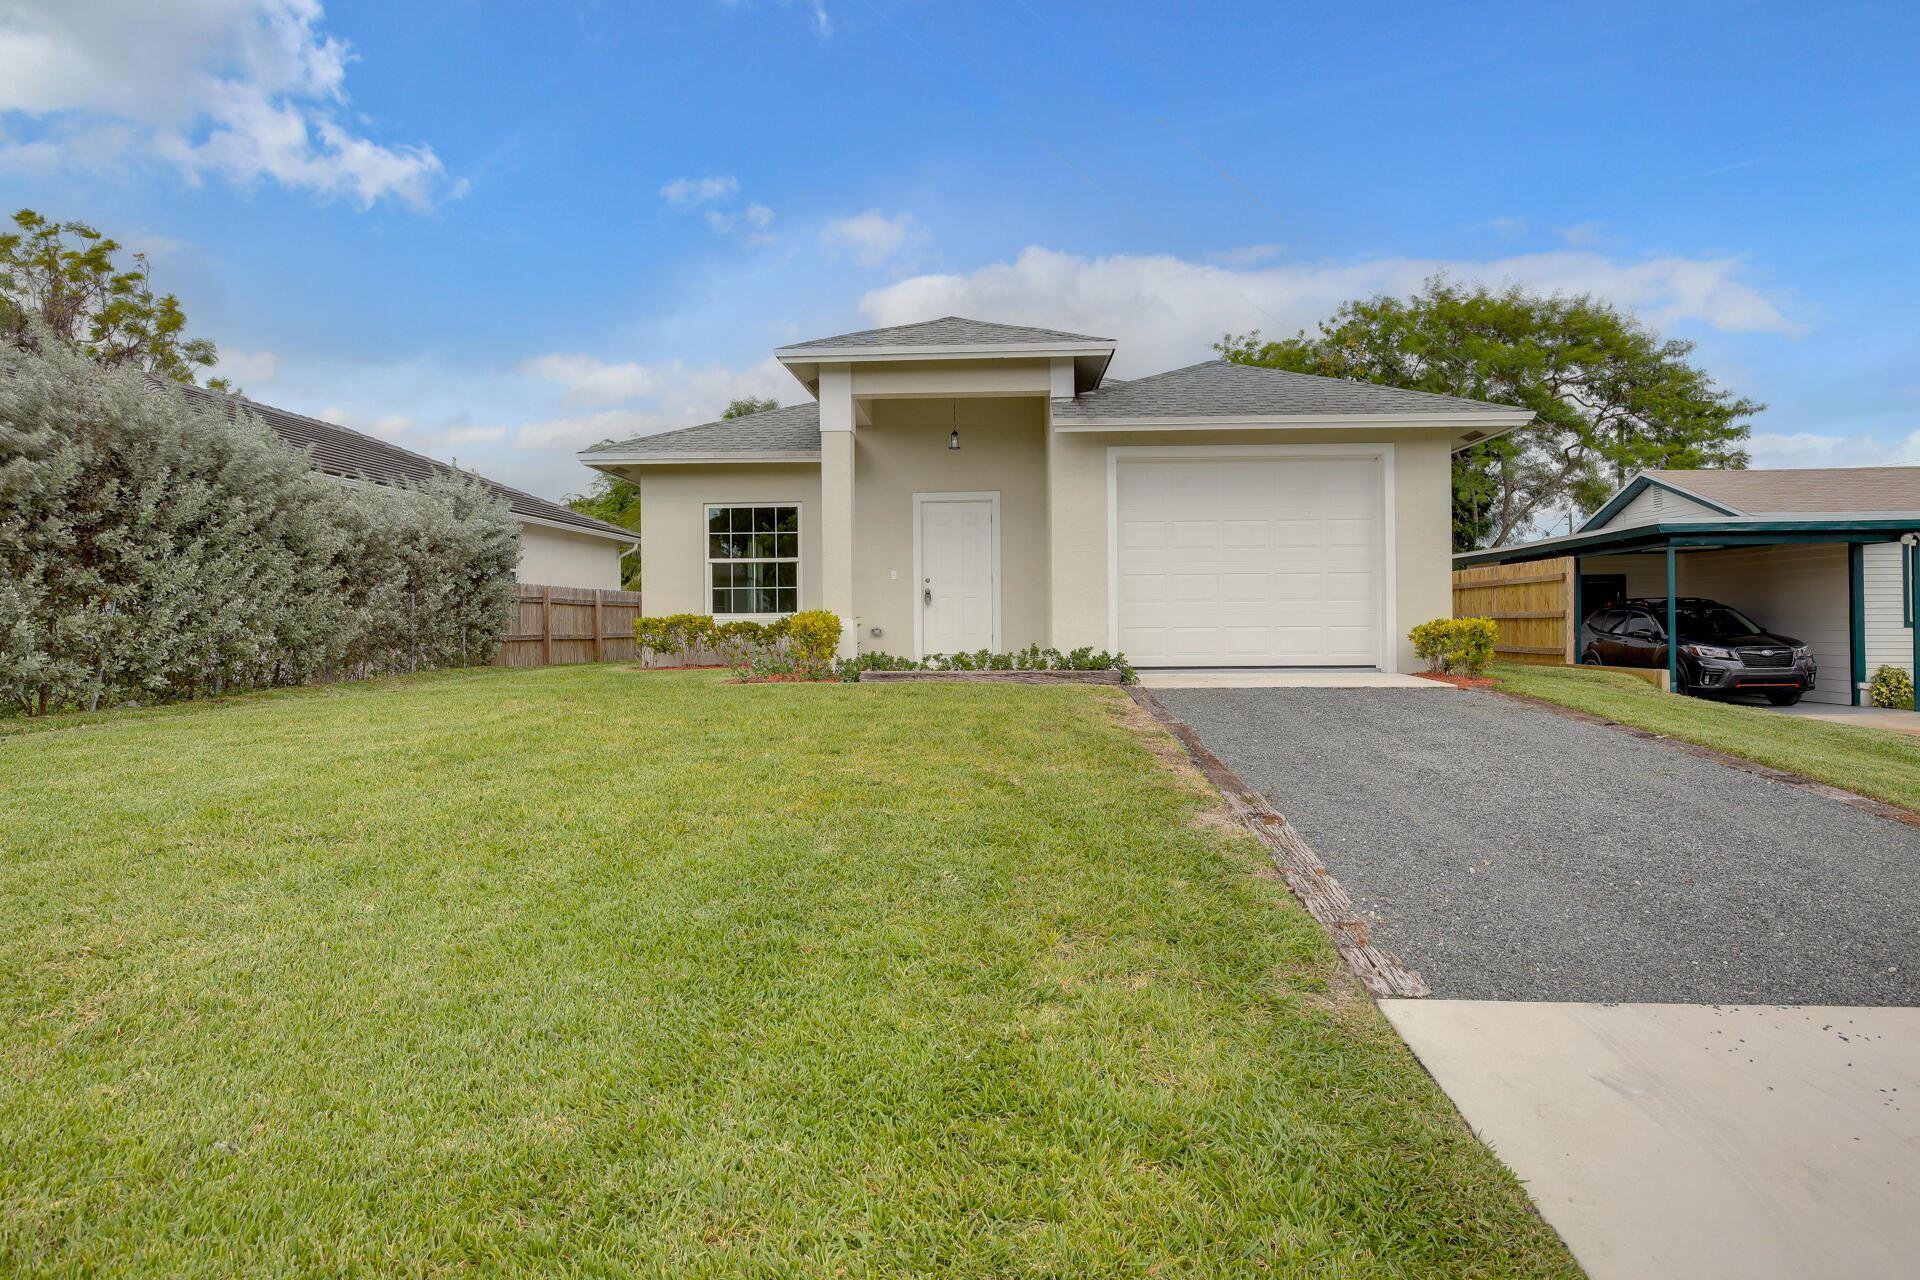 86 Ethelyn Drive, West Palm Beach, FL 33415 - MLS#: RX-10749302